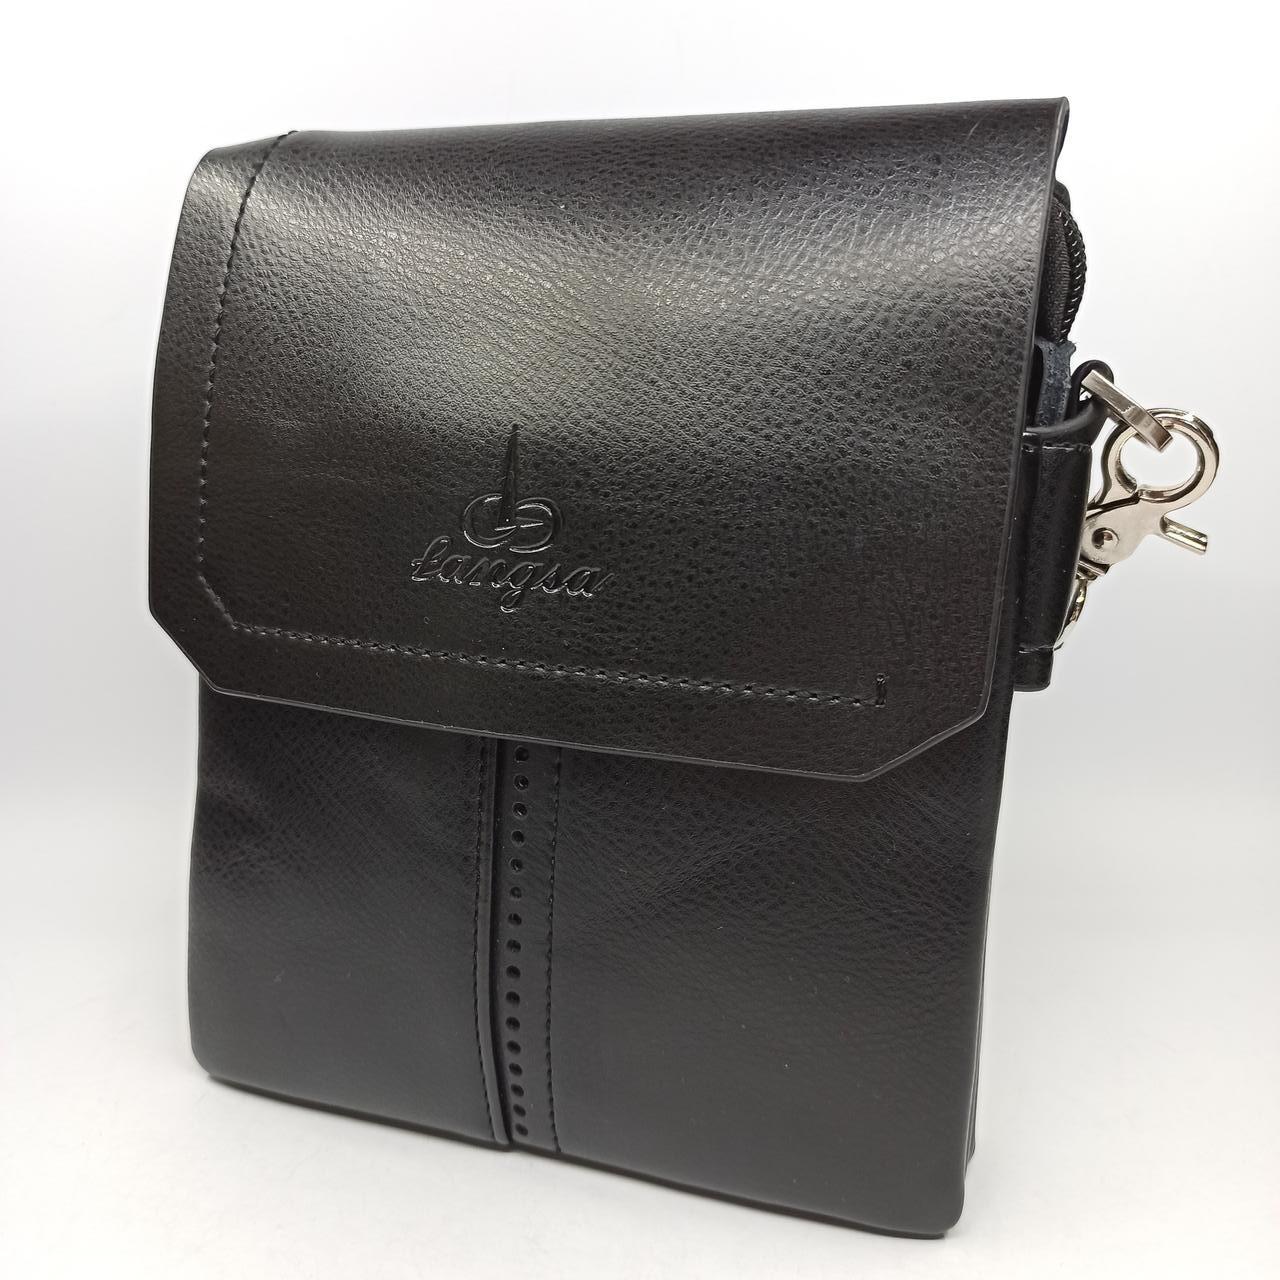 Шкіряна чоловіча сумка через плече / Мужская кожаная сумка через плечо Langsa